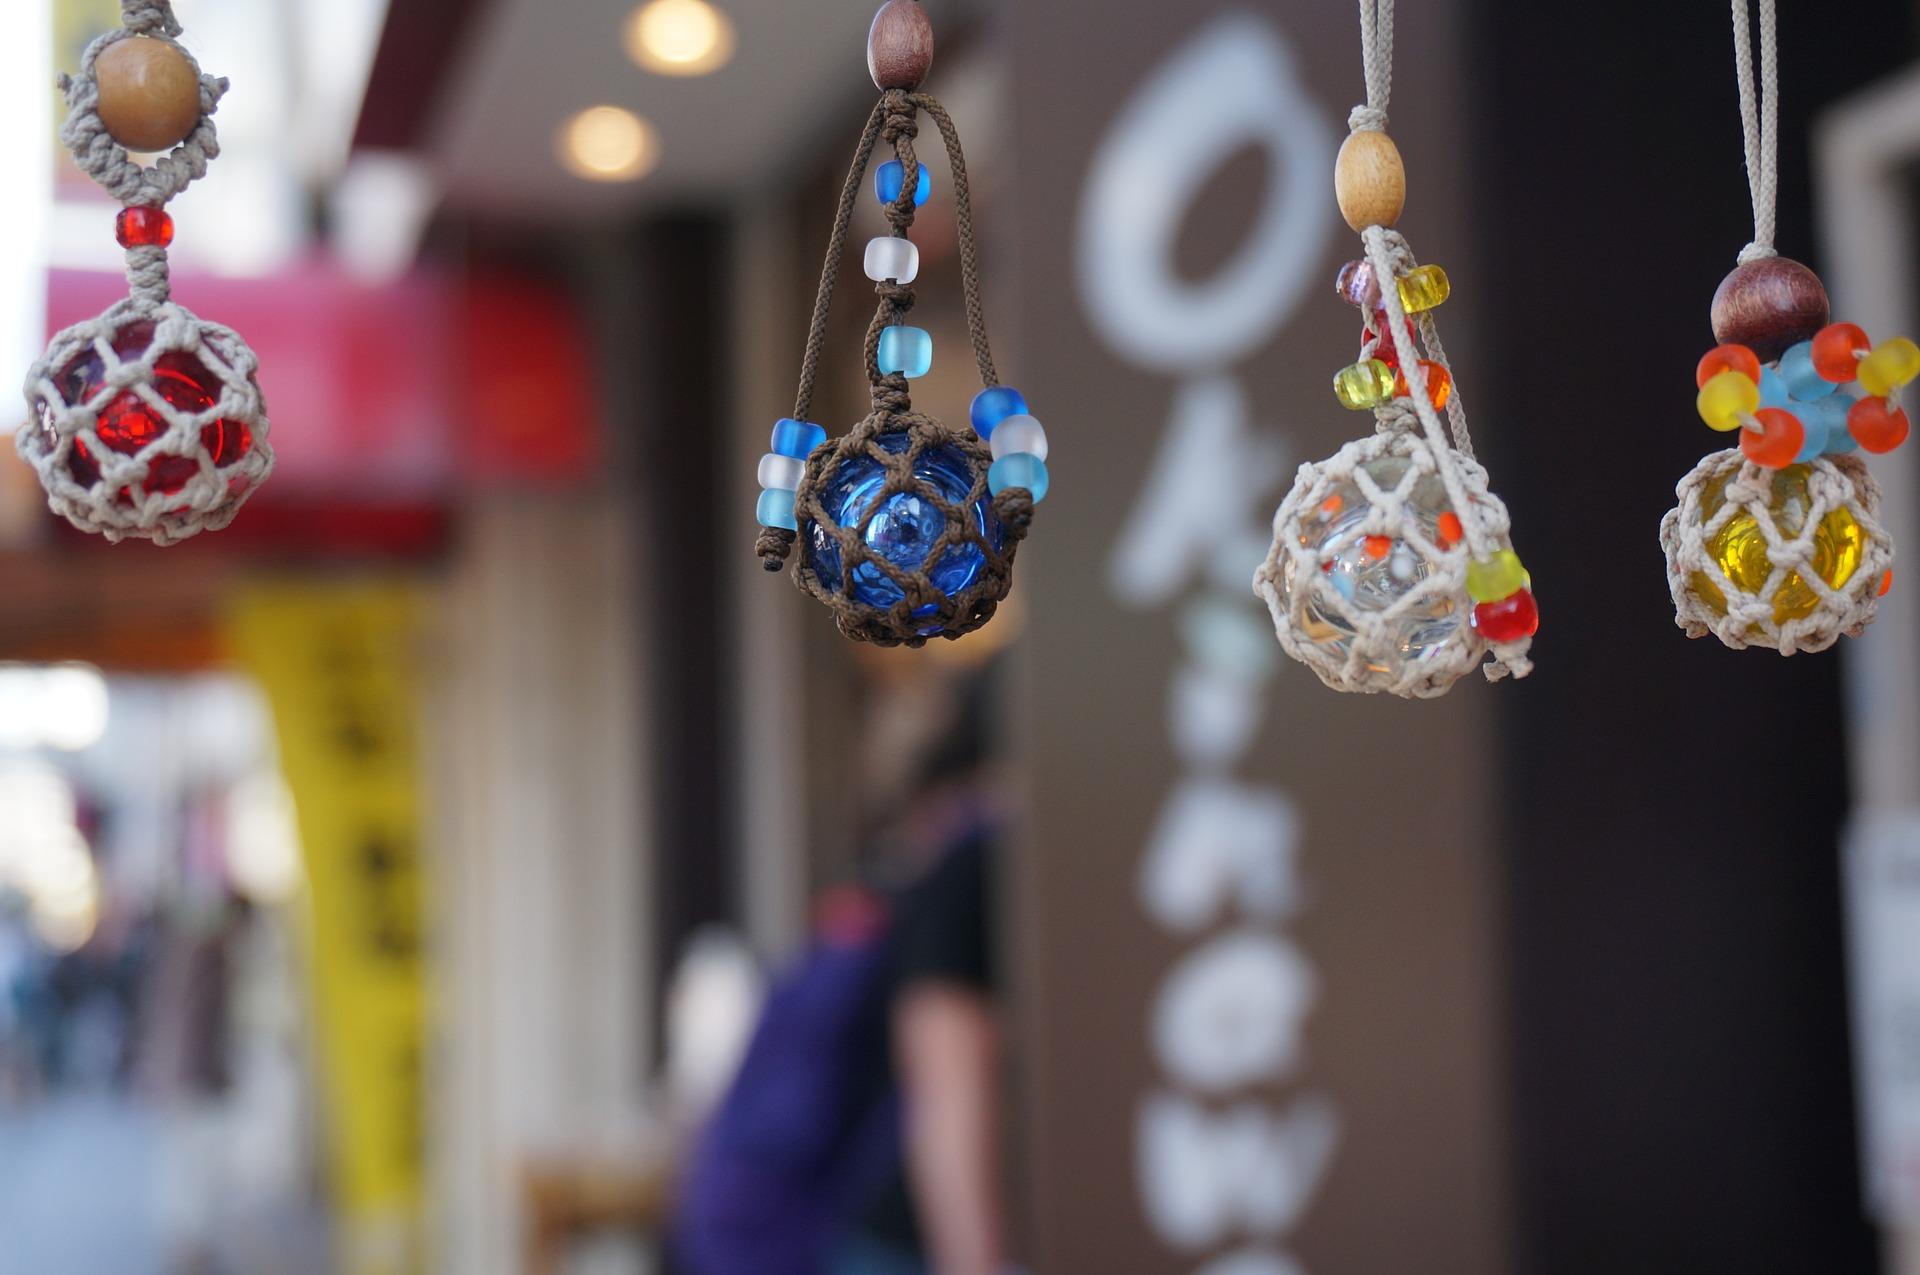 て すぎる 子 沖縄 ツラ で 方言 に なっ た すぎ が 好き